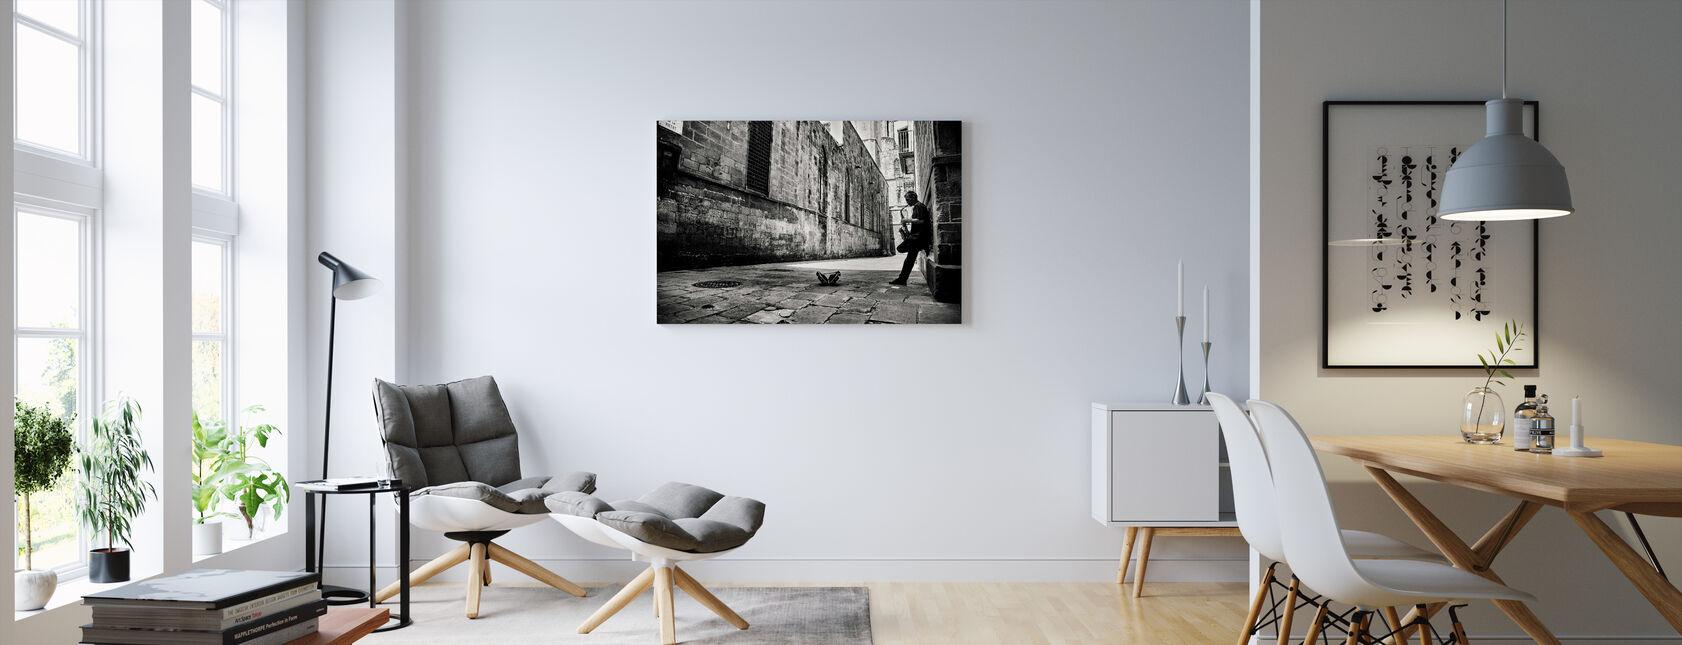 Silent Street, zwart-wit - Canvas print - Woonkamer